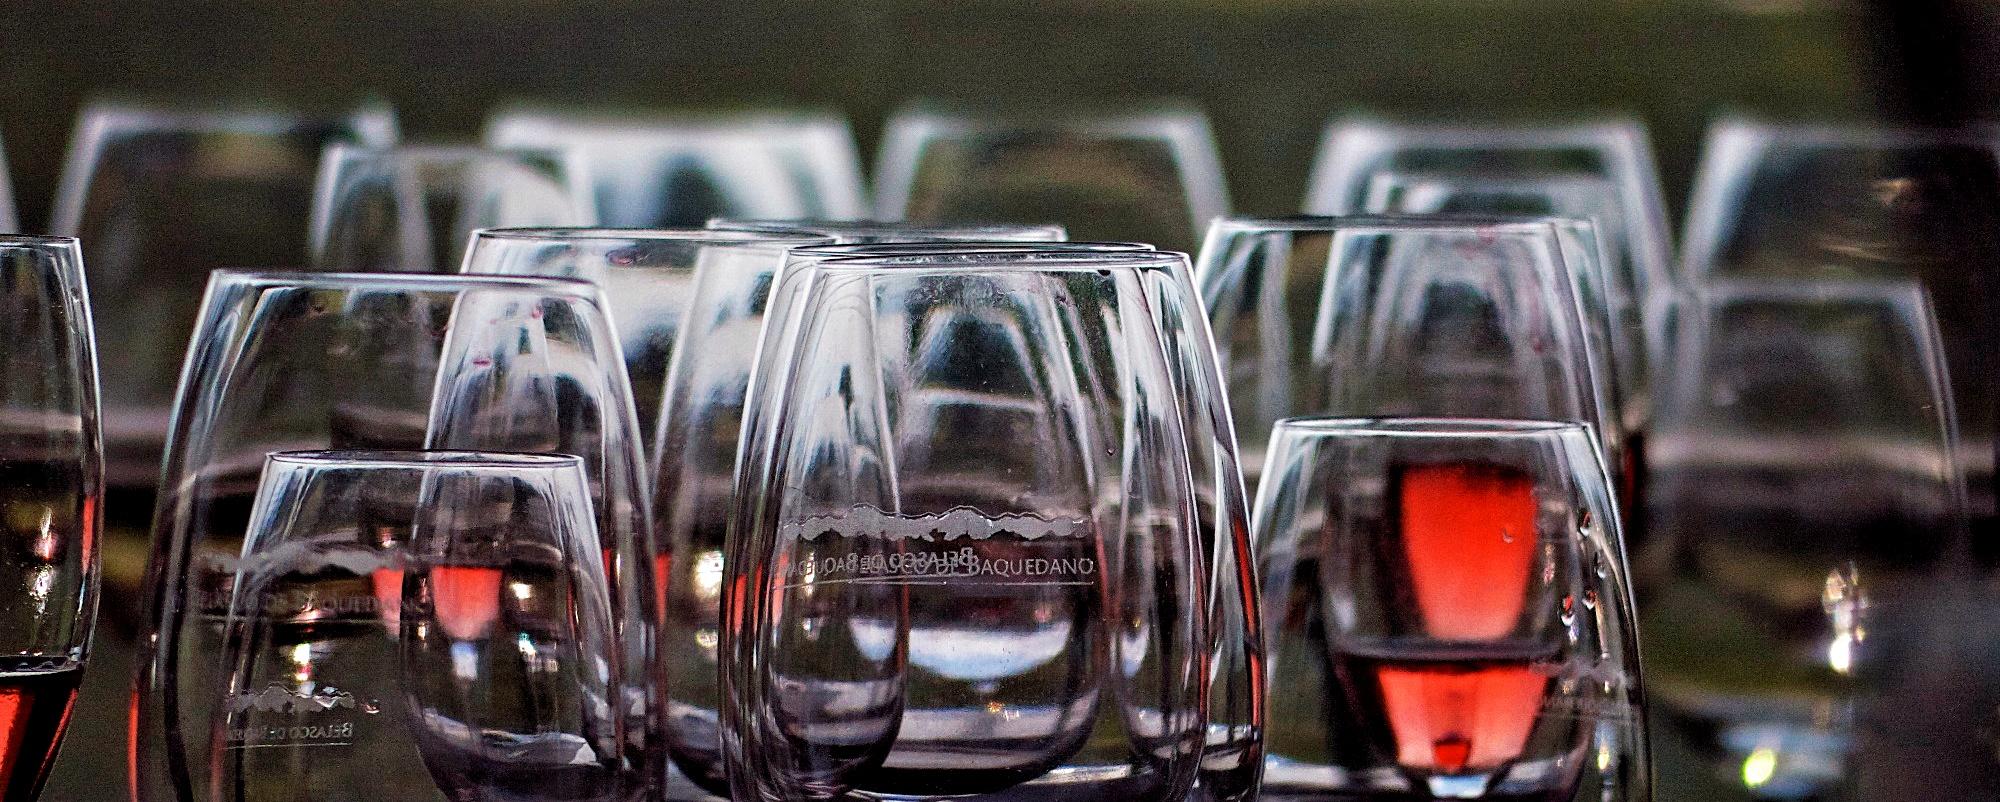 Belasco de Baquedano Winery, Lujan de Cuyo, Mendoza       